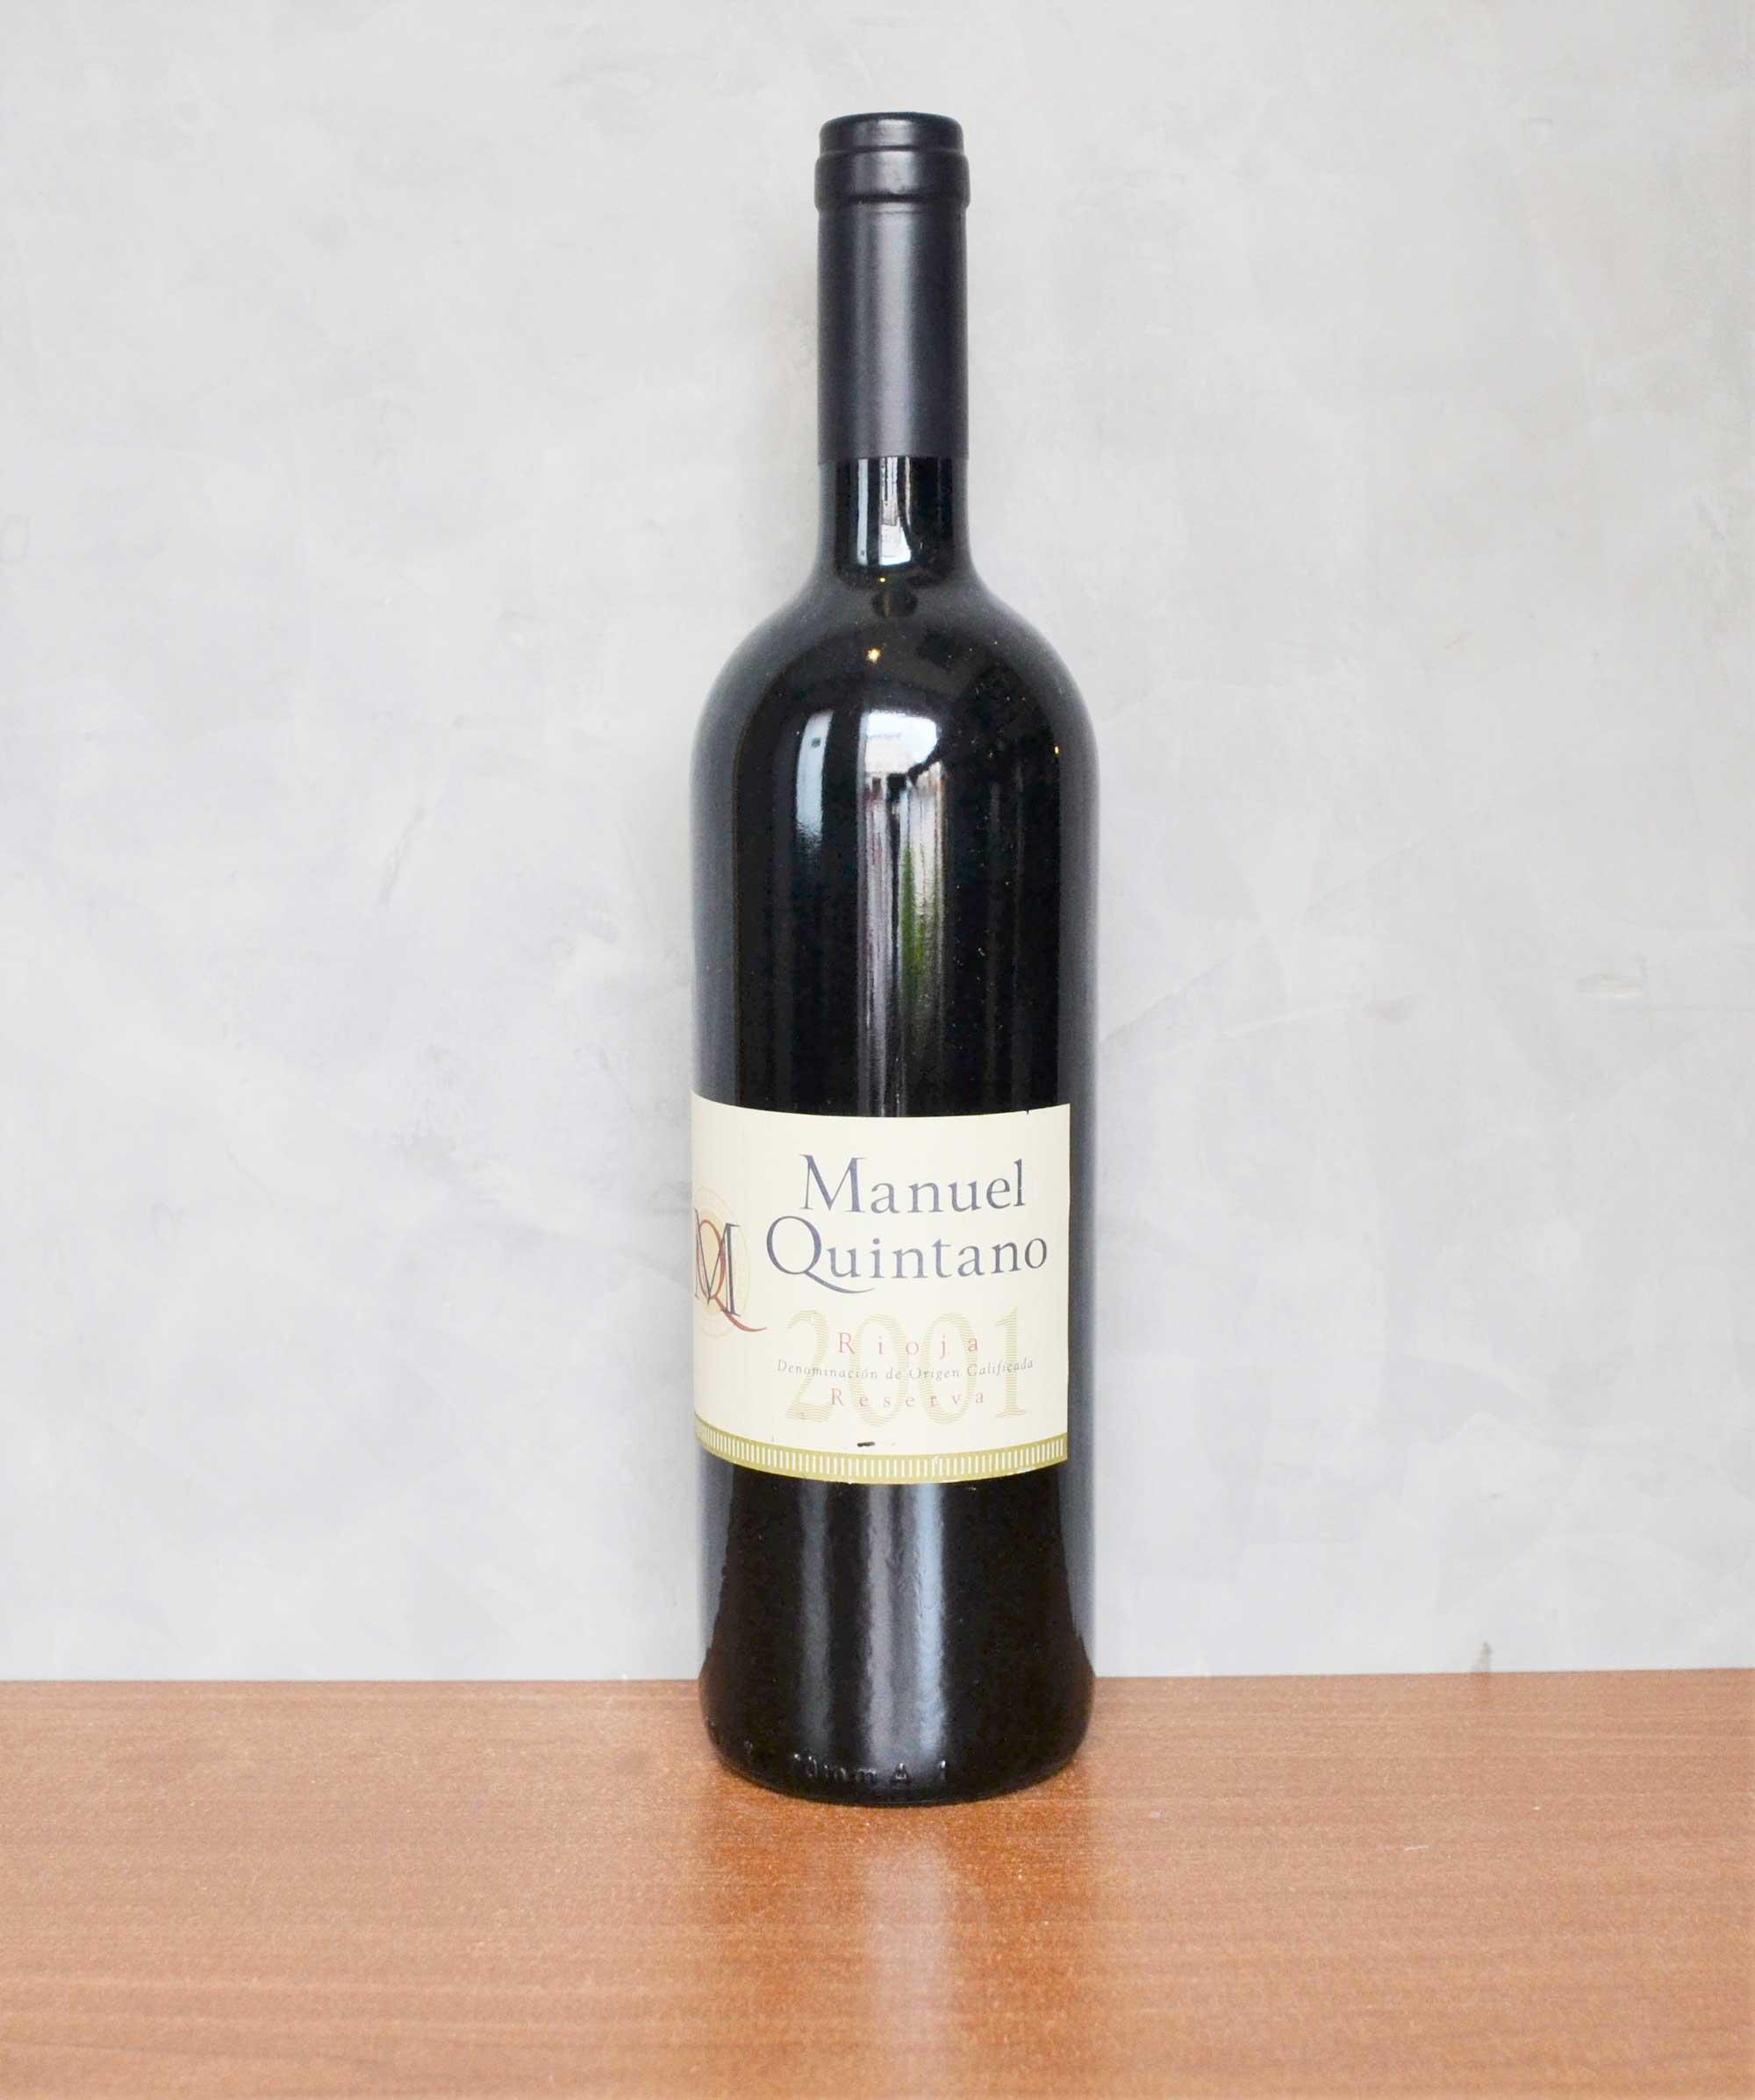 Manuel Quintano 2001